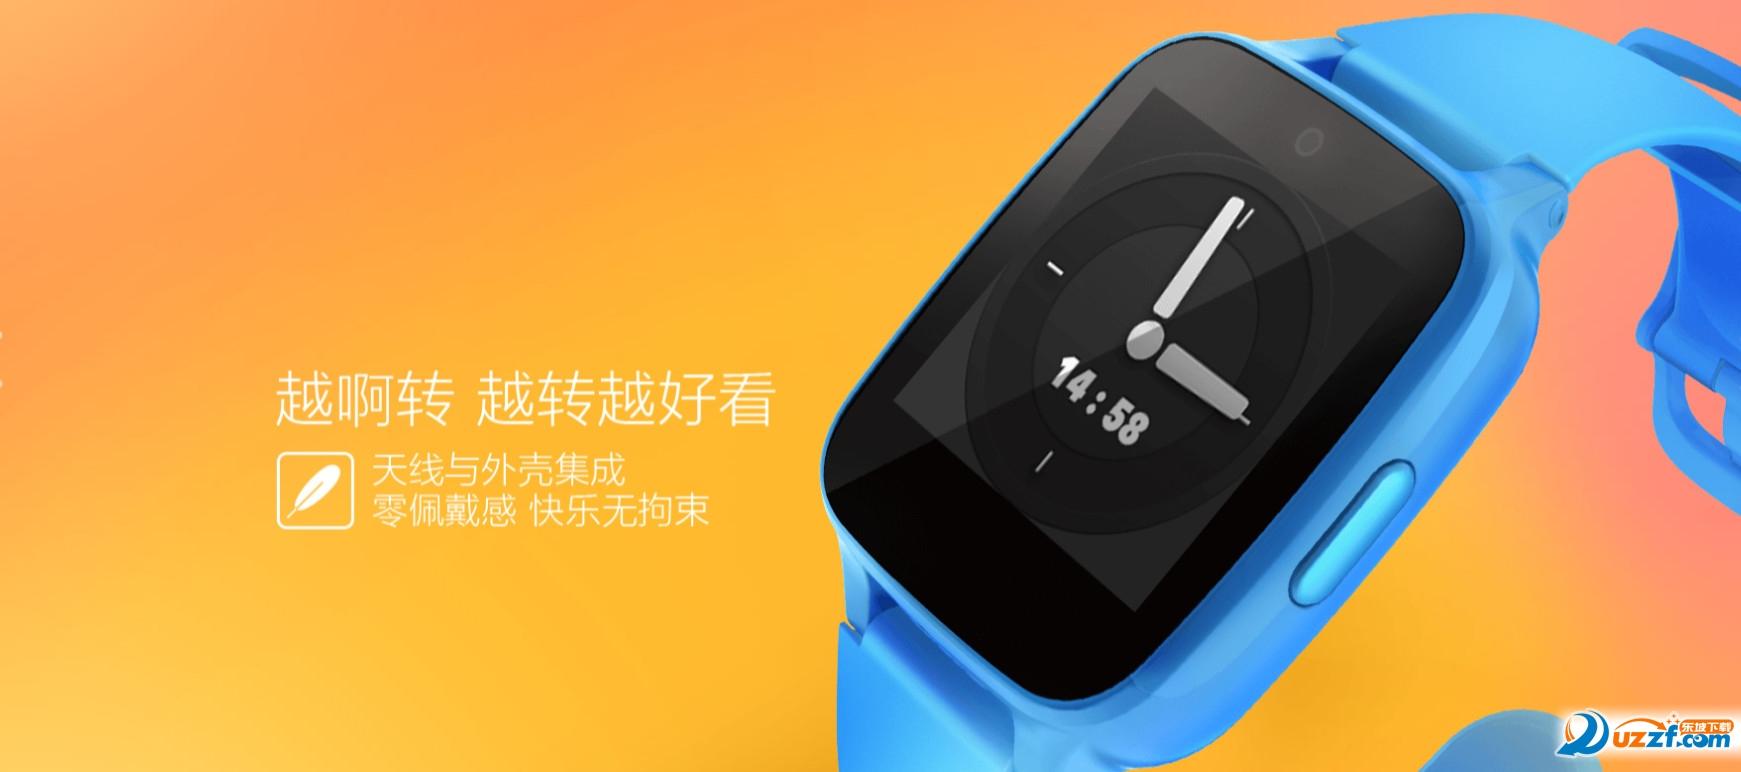 糖猫儿童智能手表M1苹果端